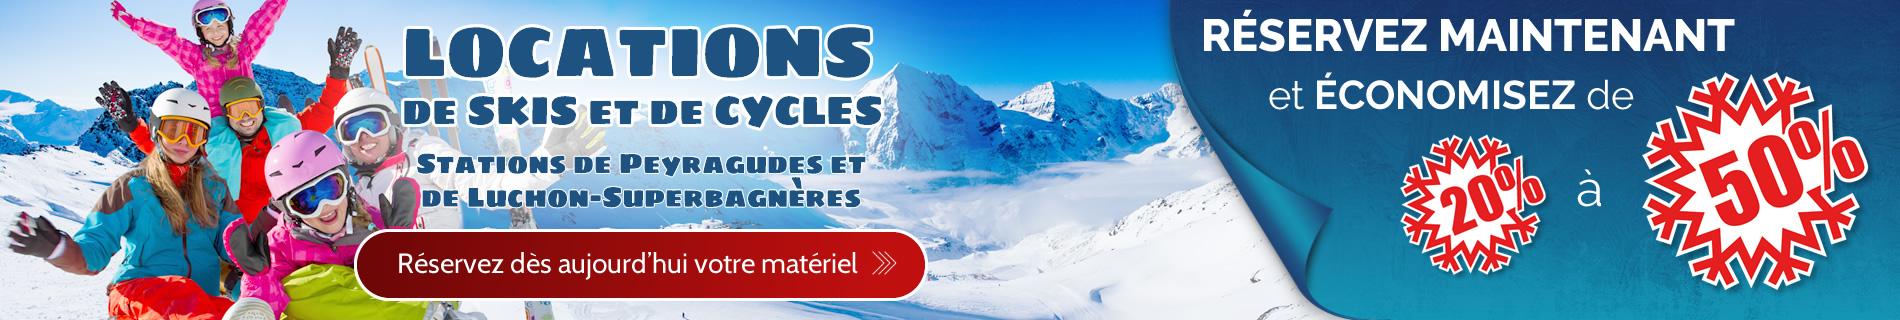 Ski D'occasionIntersport Matériel Location Et Luchon Vente De N8nXwk0OP